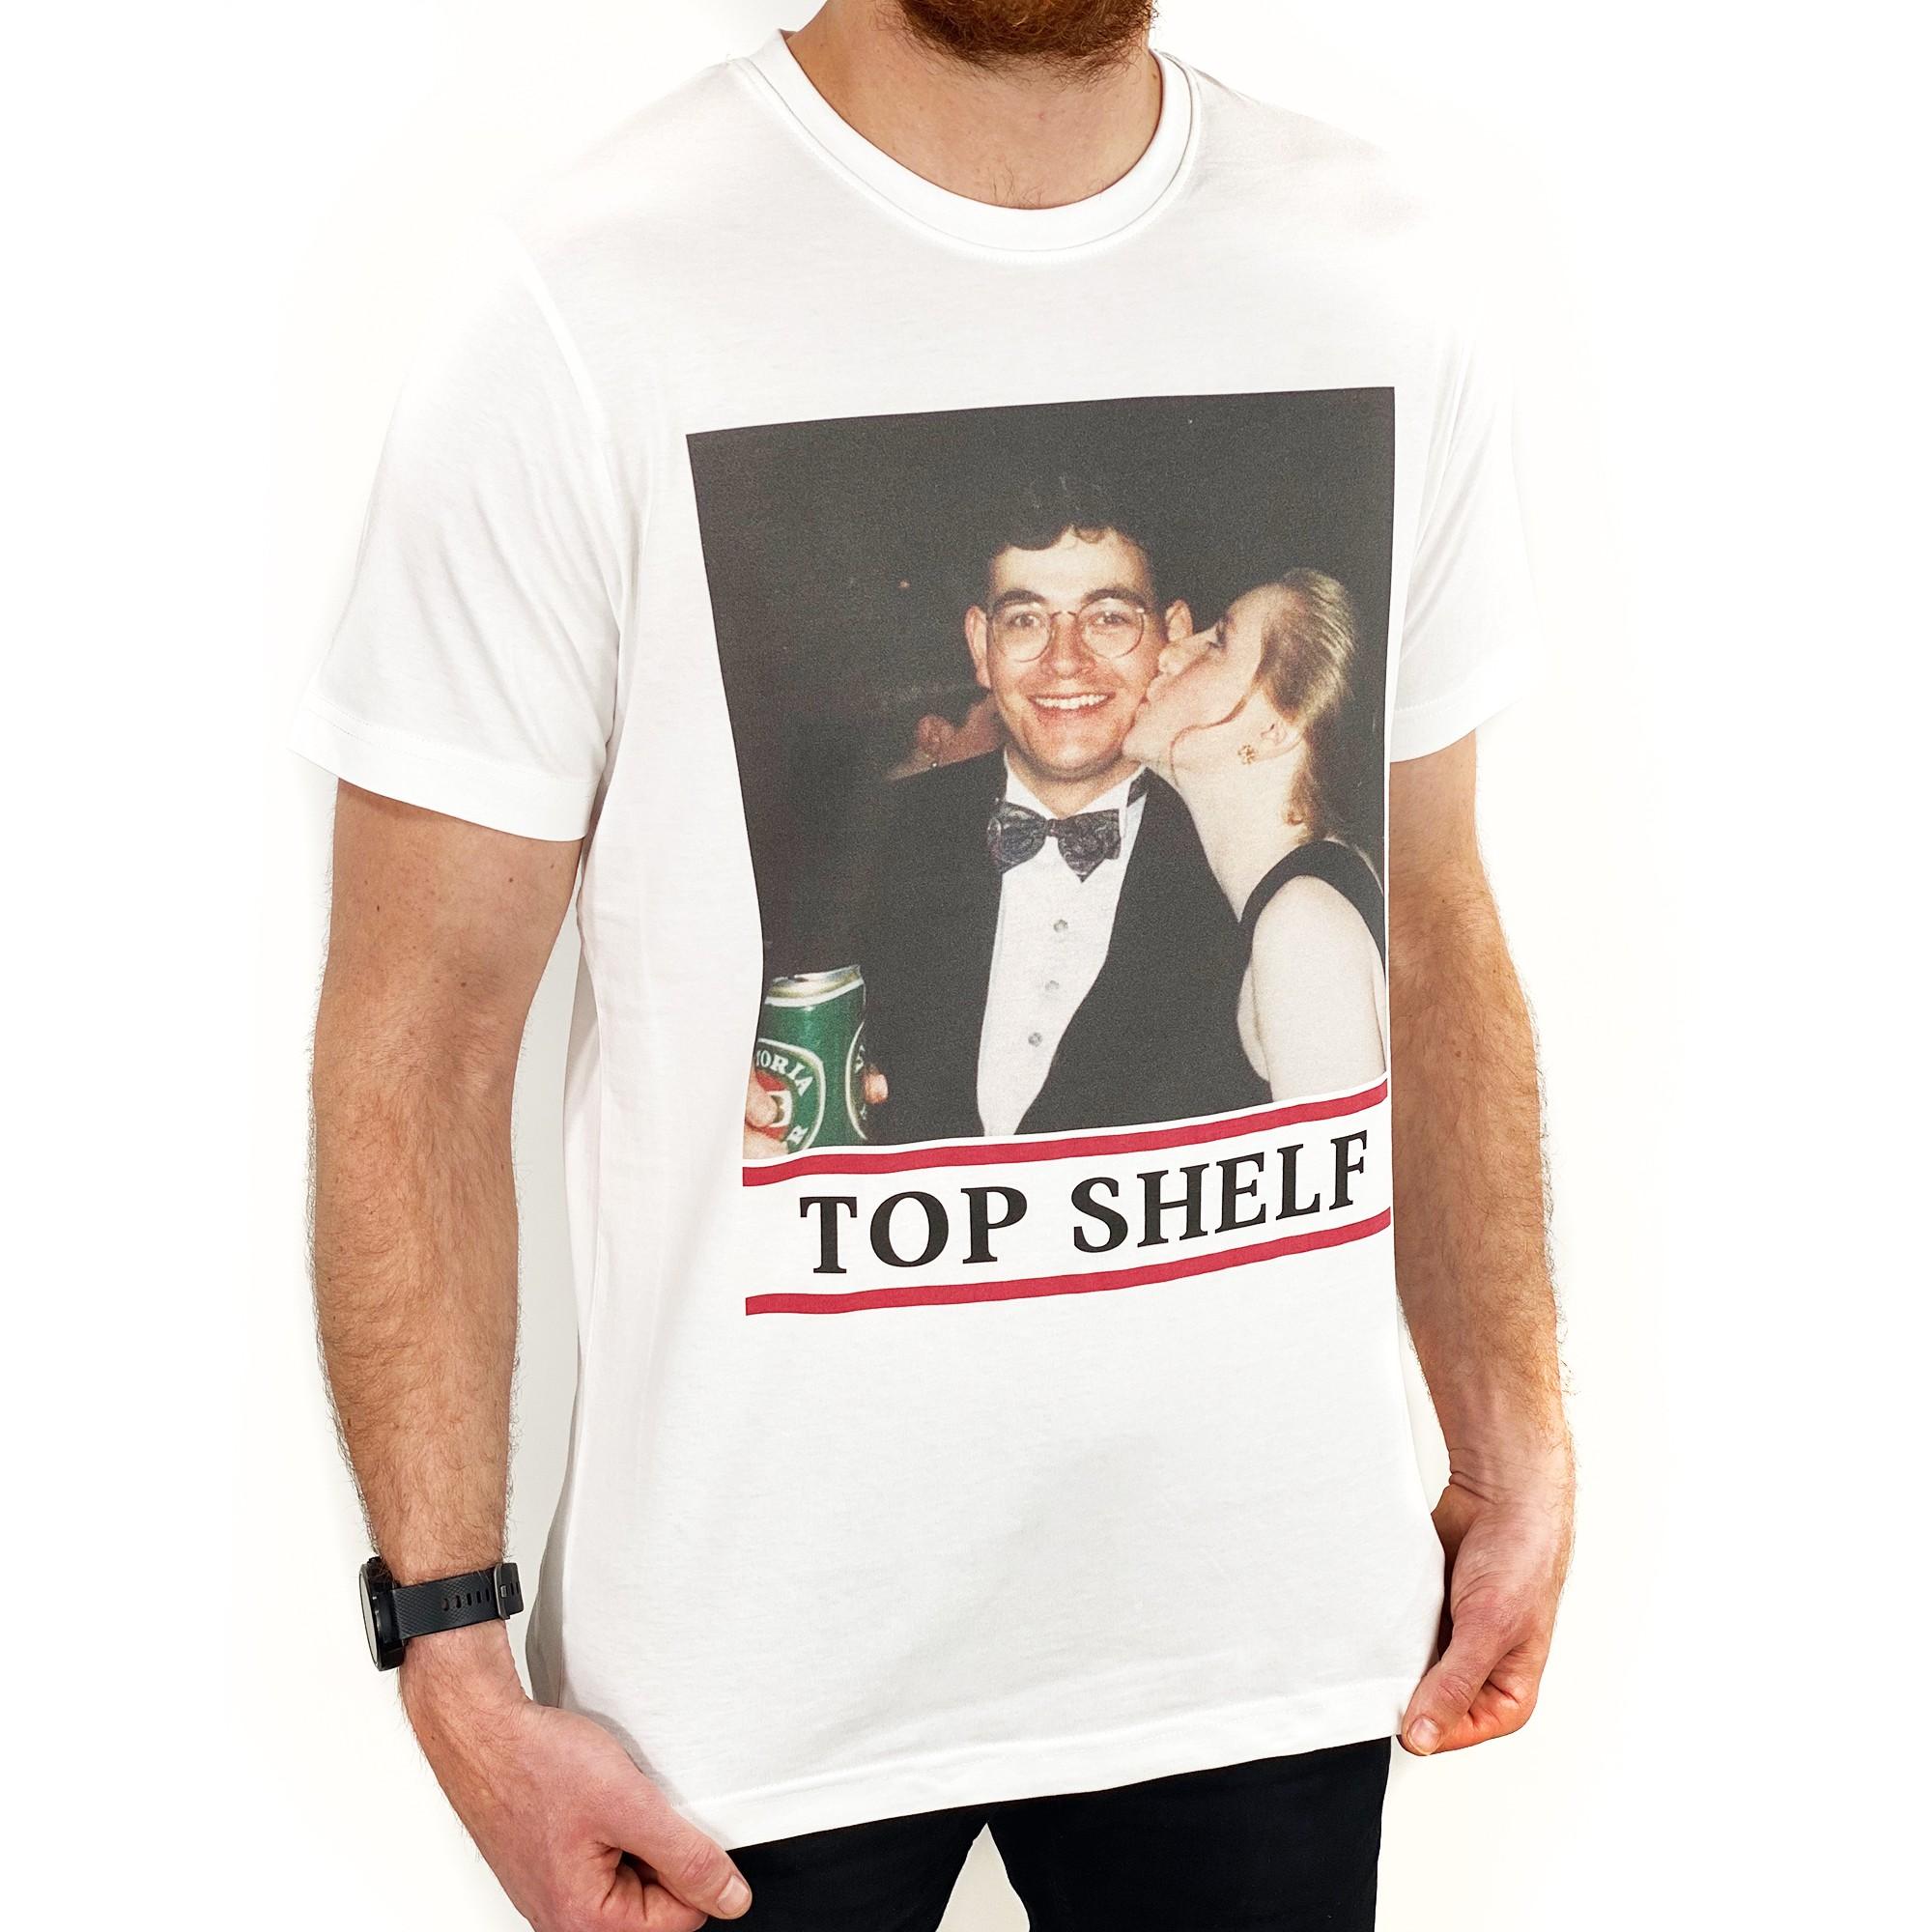 TOP SHELF WHITE TEE